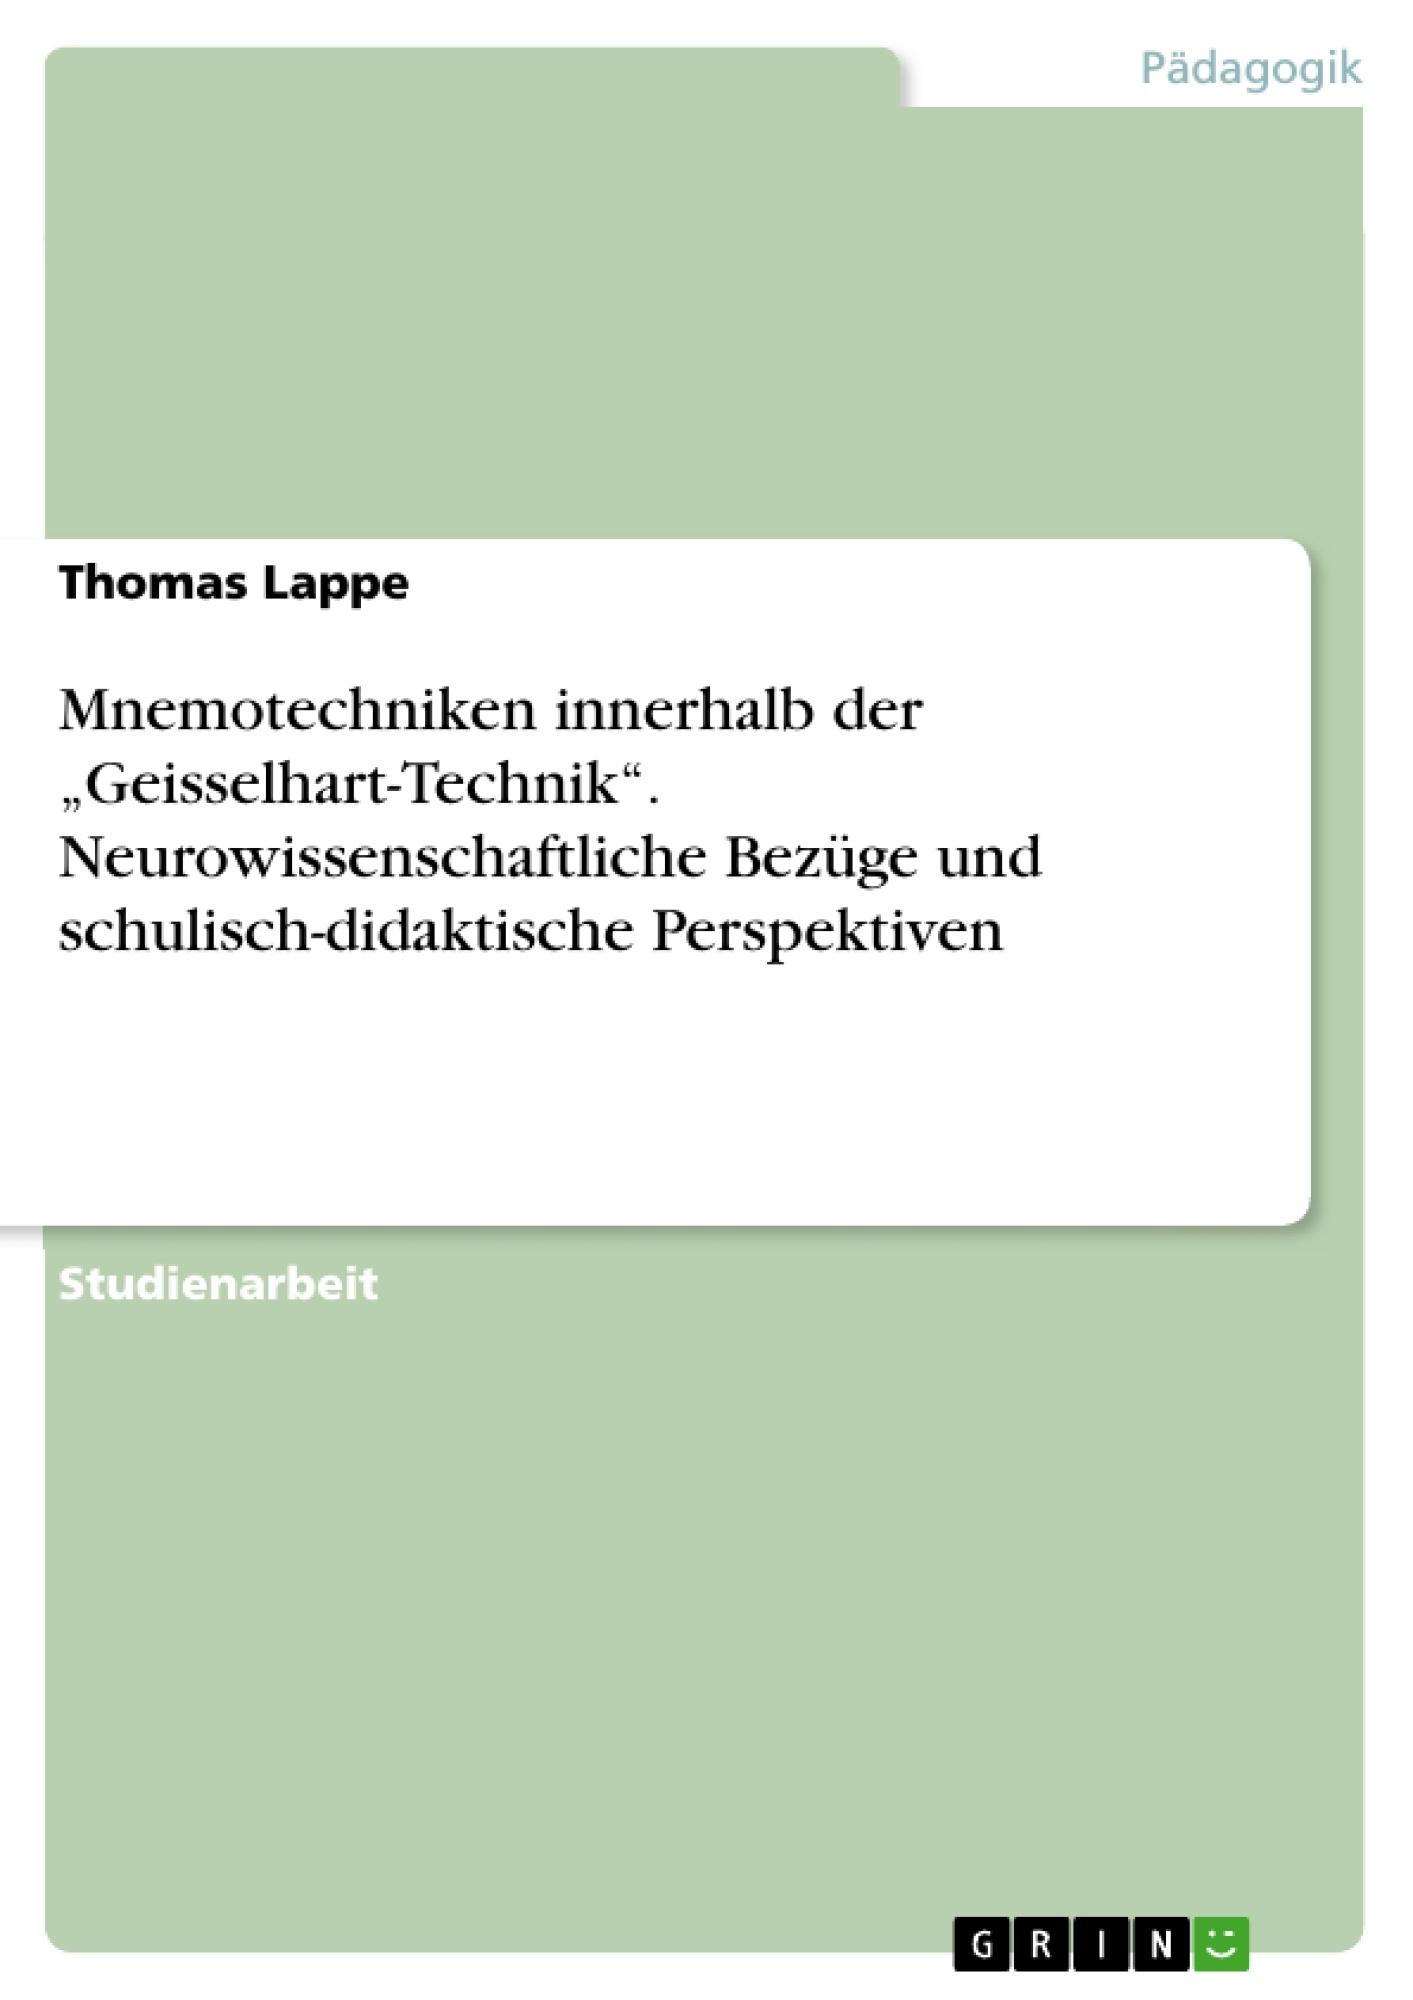 """Titel: Mnemotechniken innerhalb der """"Geisselhart-Technik"""". Neurowissenschaftliche Bezüge und schulisch-didaktische Perspektiven"""